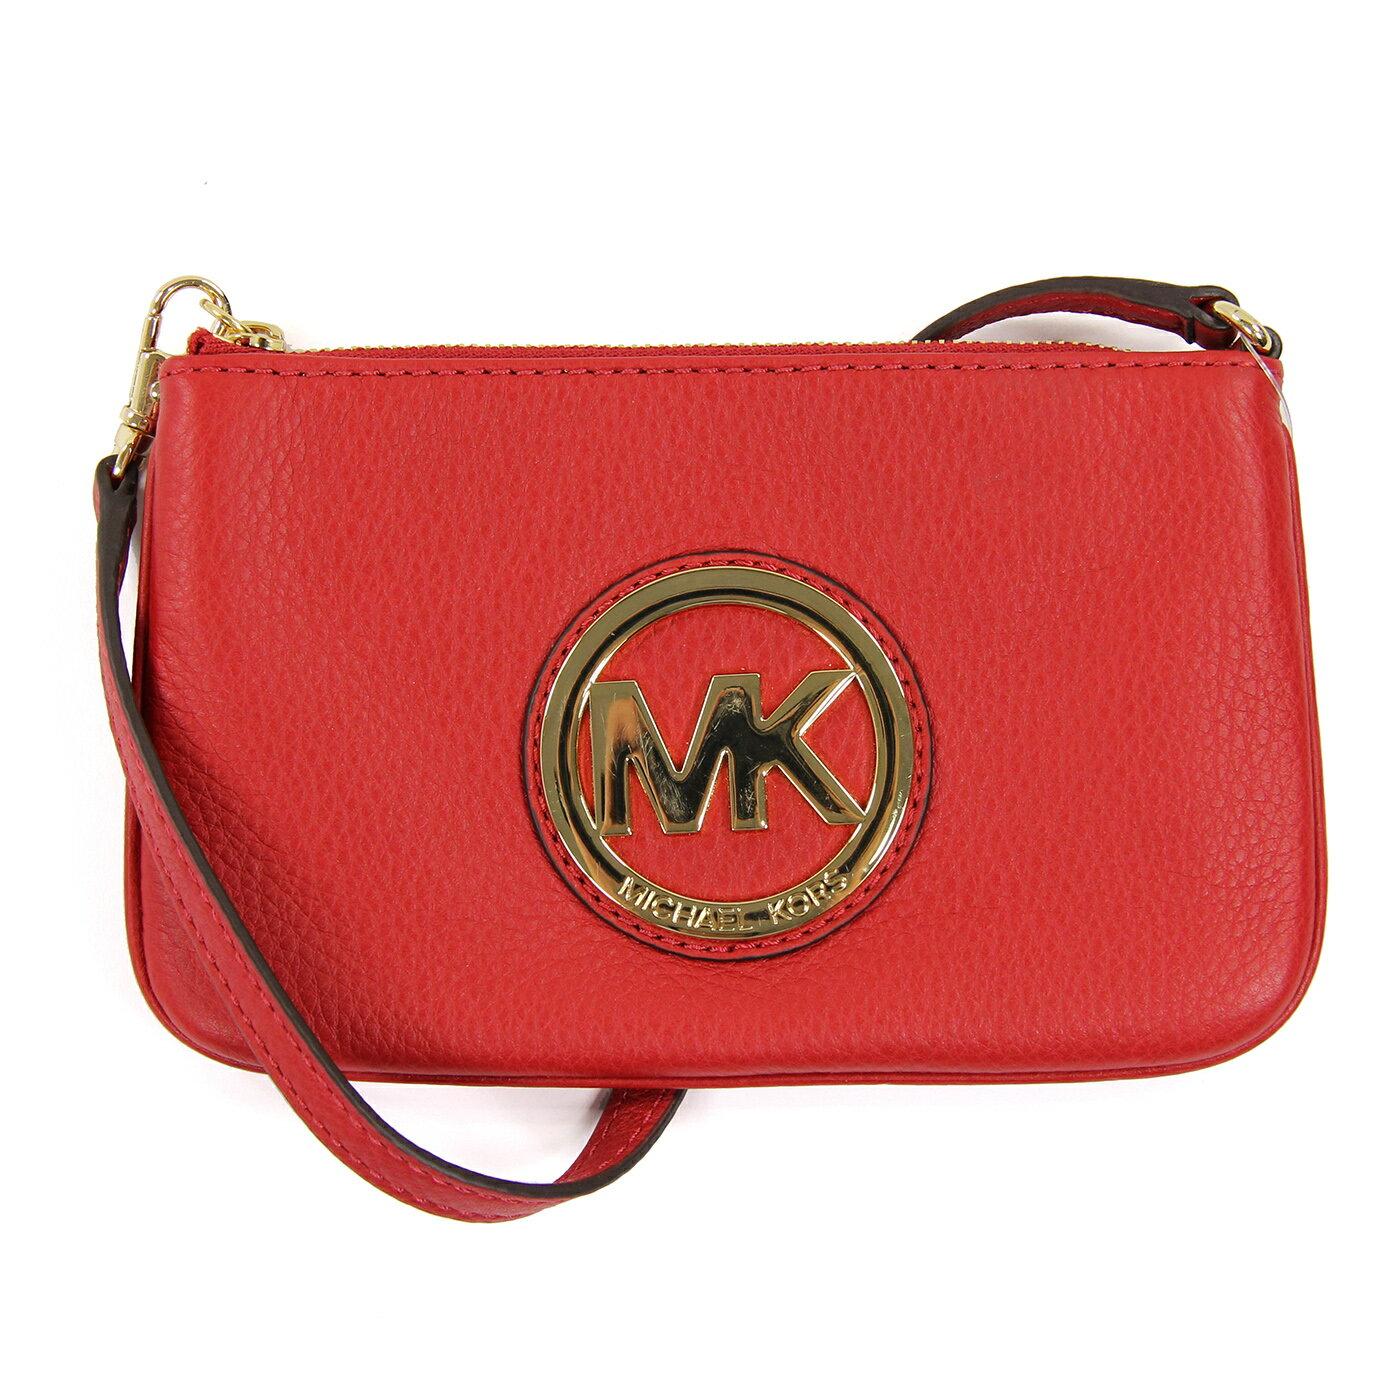 美國百分百【全新真品】MICHAEL KORS 手拿包 MK 手提包 錢包 手機包 皮包 紅色 真皮 女包 A694